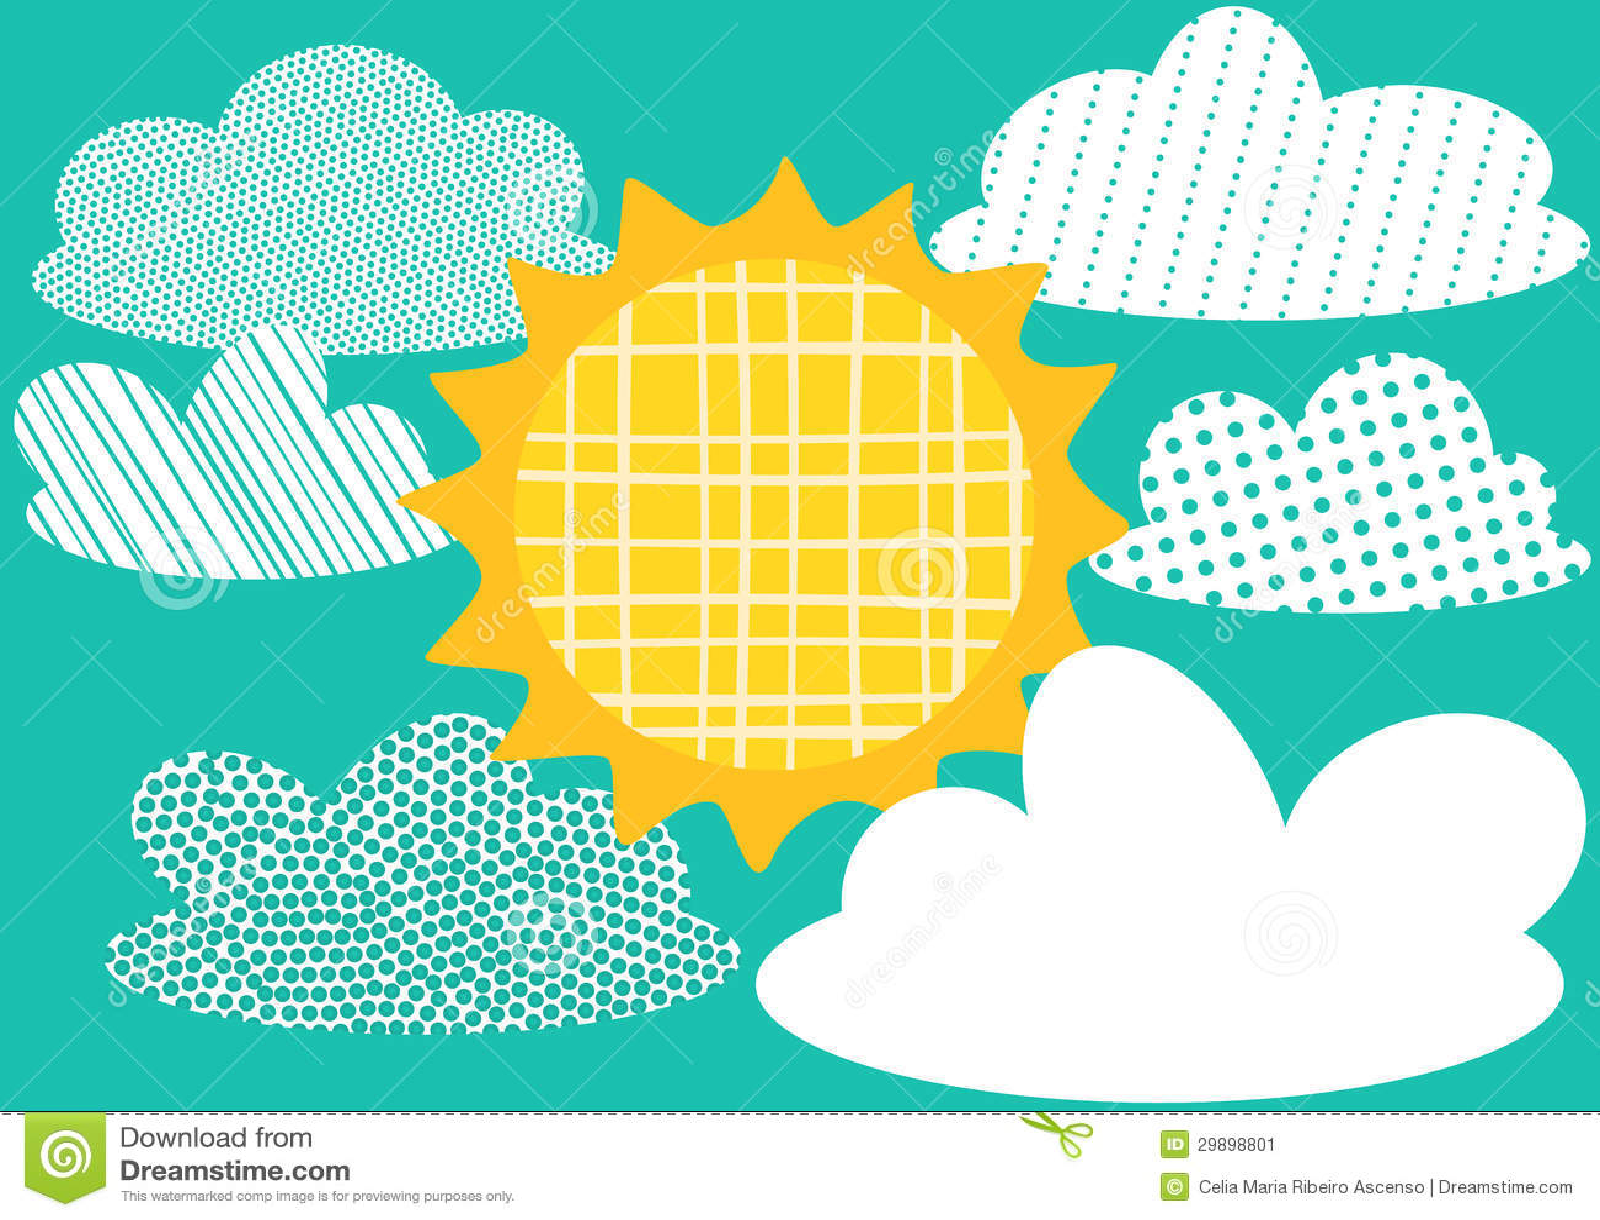 Ευχετήρια κάρτα με τον ήλιο και τα σύννεφα